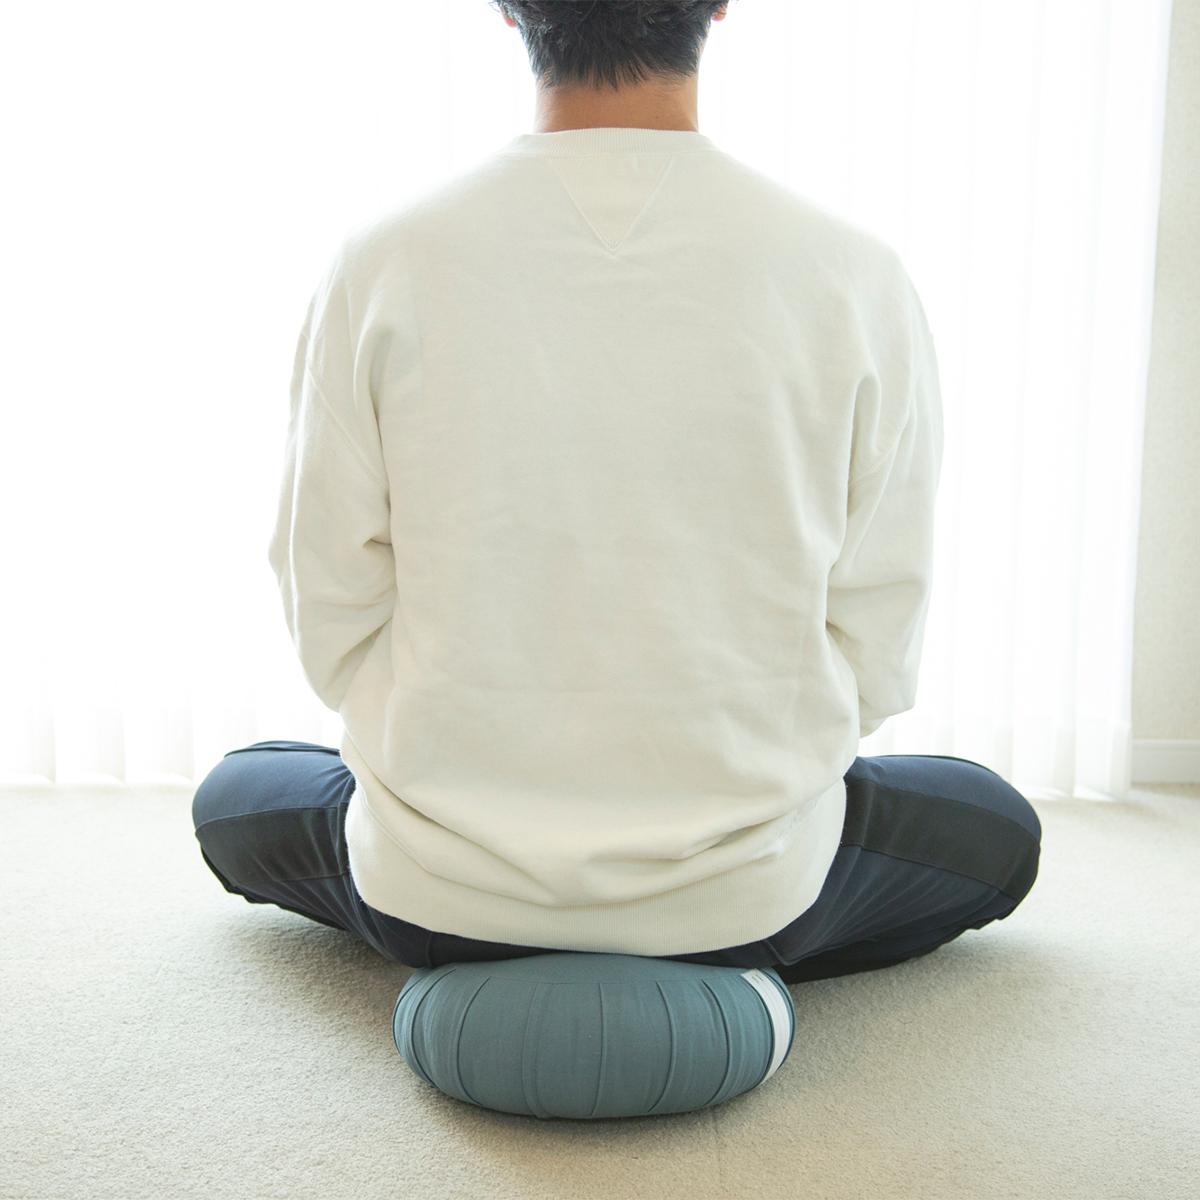 日々のパフォーマンスを上げるマインドフルネス習慣。坐禅蒲団(坐蒲)・瞑想用クッション| ZAF(ザフ)